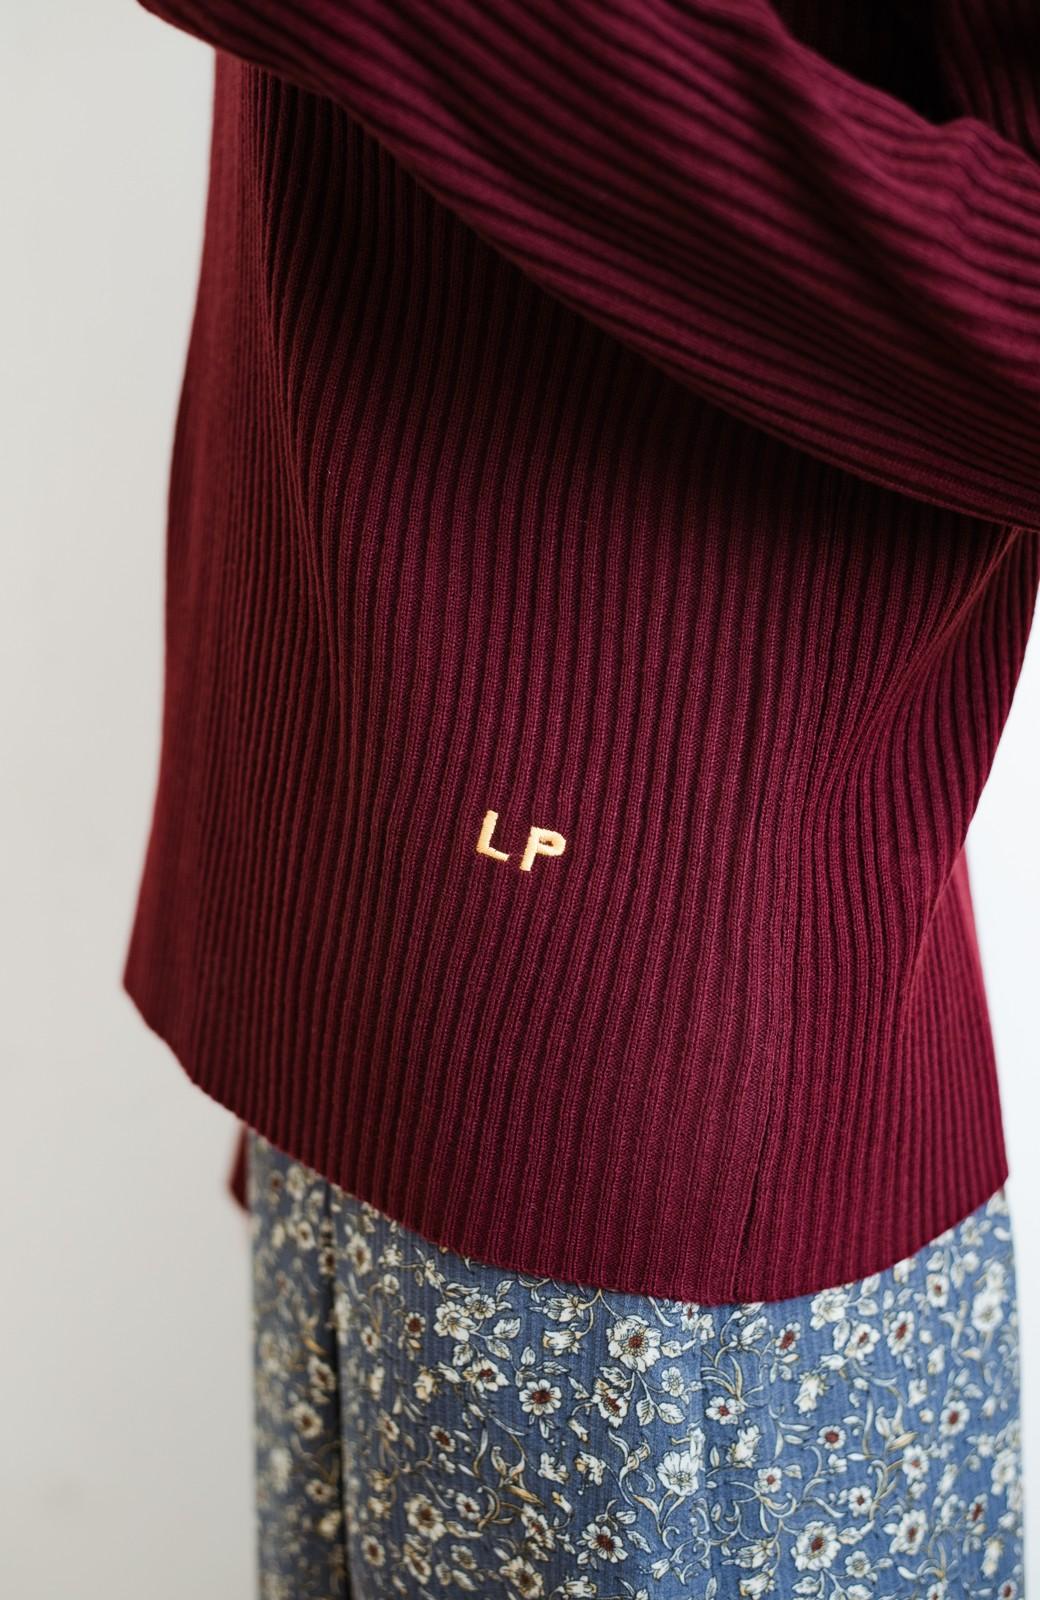 haco! 【高橋愛さんコラボ】本当に使えるニットを吟味! 重ね着に便利な刺繍入りハイネック&クルーネックニットトップス2枚セット by LOVE&PEACE PROJECT <ブラック・ボルドー>の商品写真28